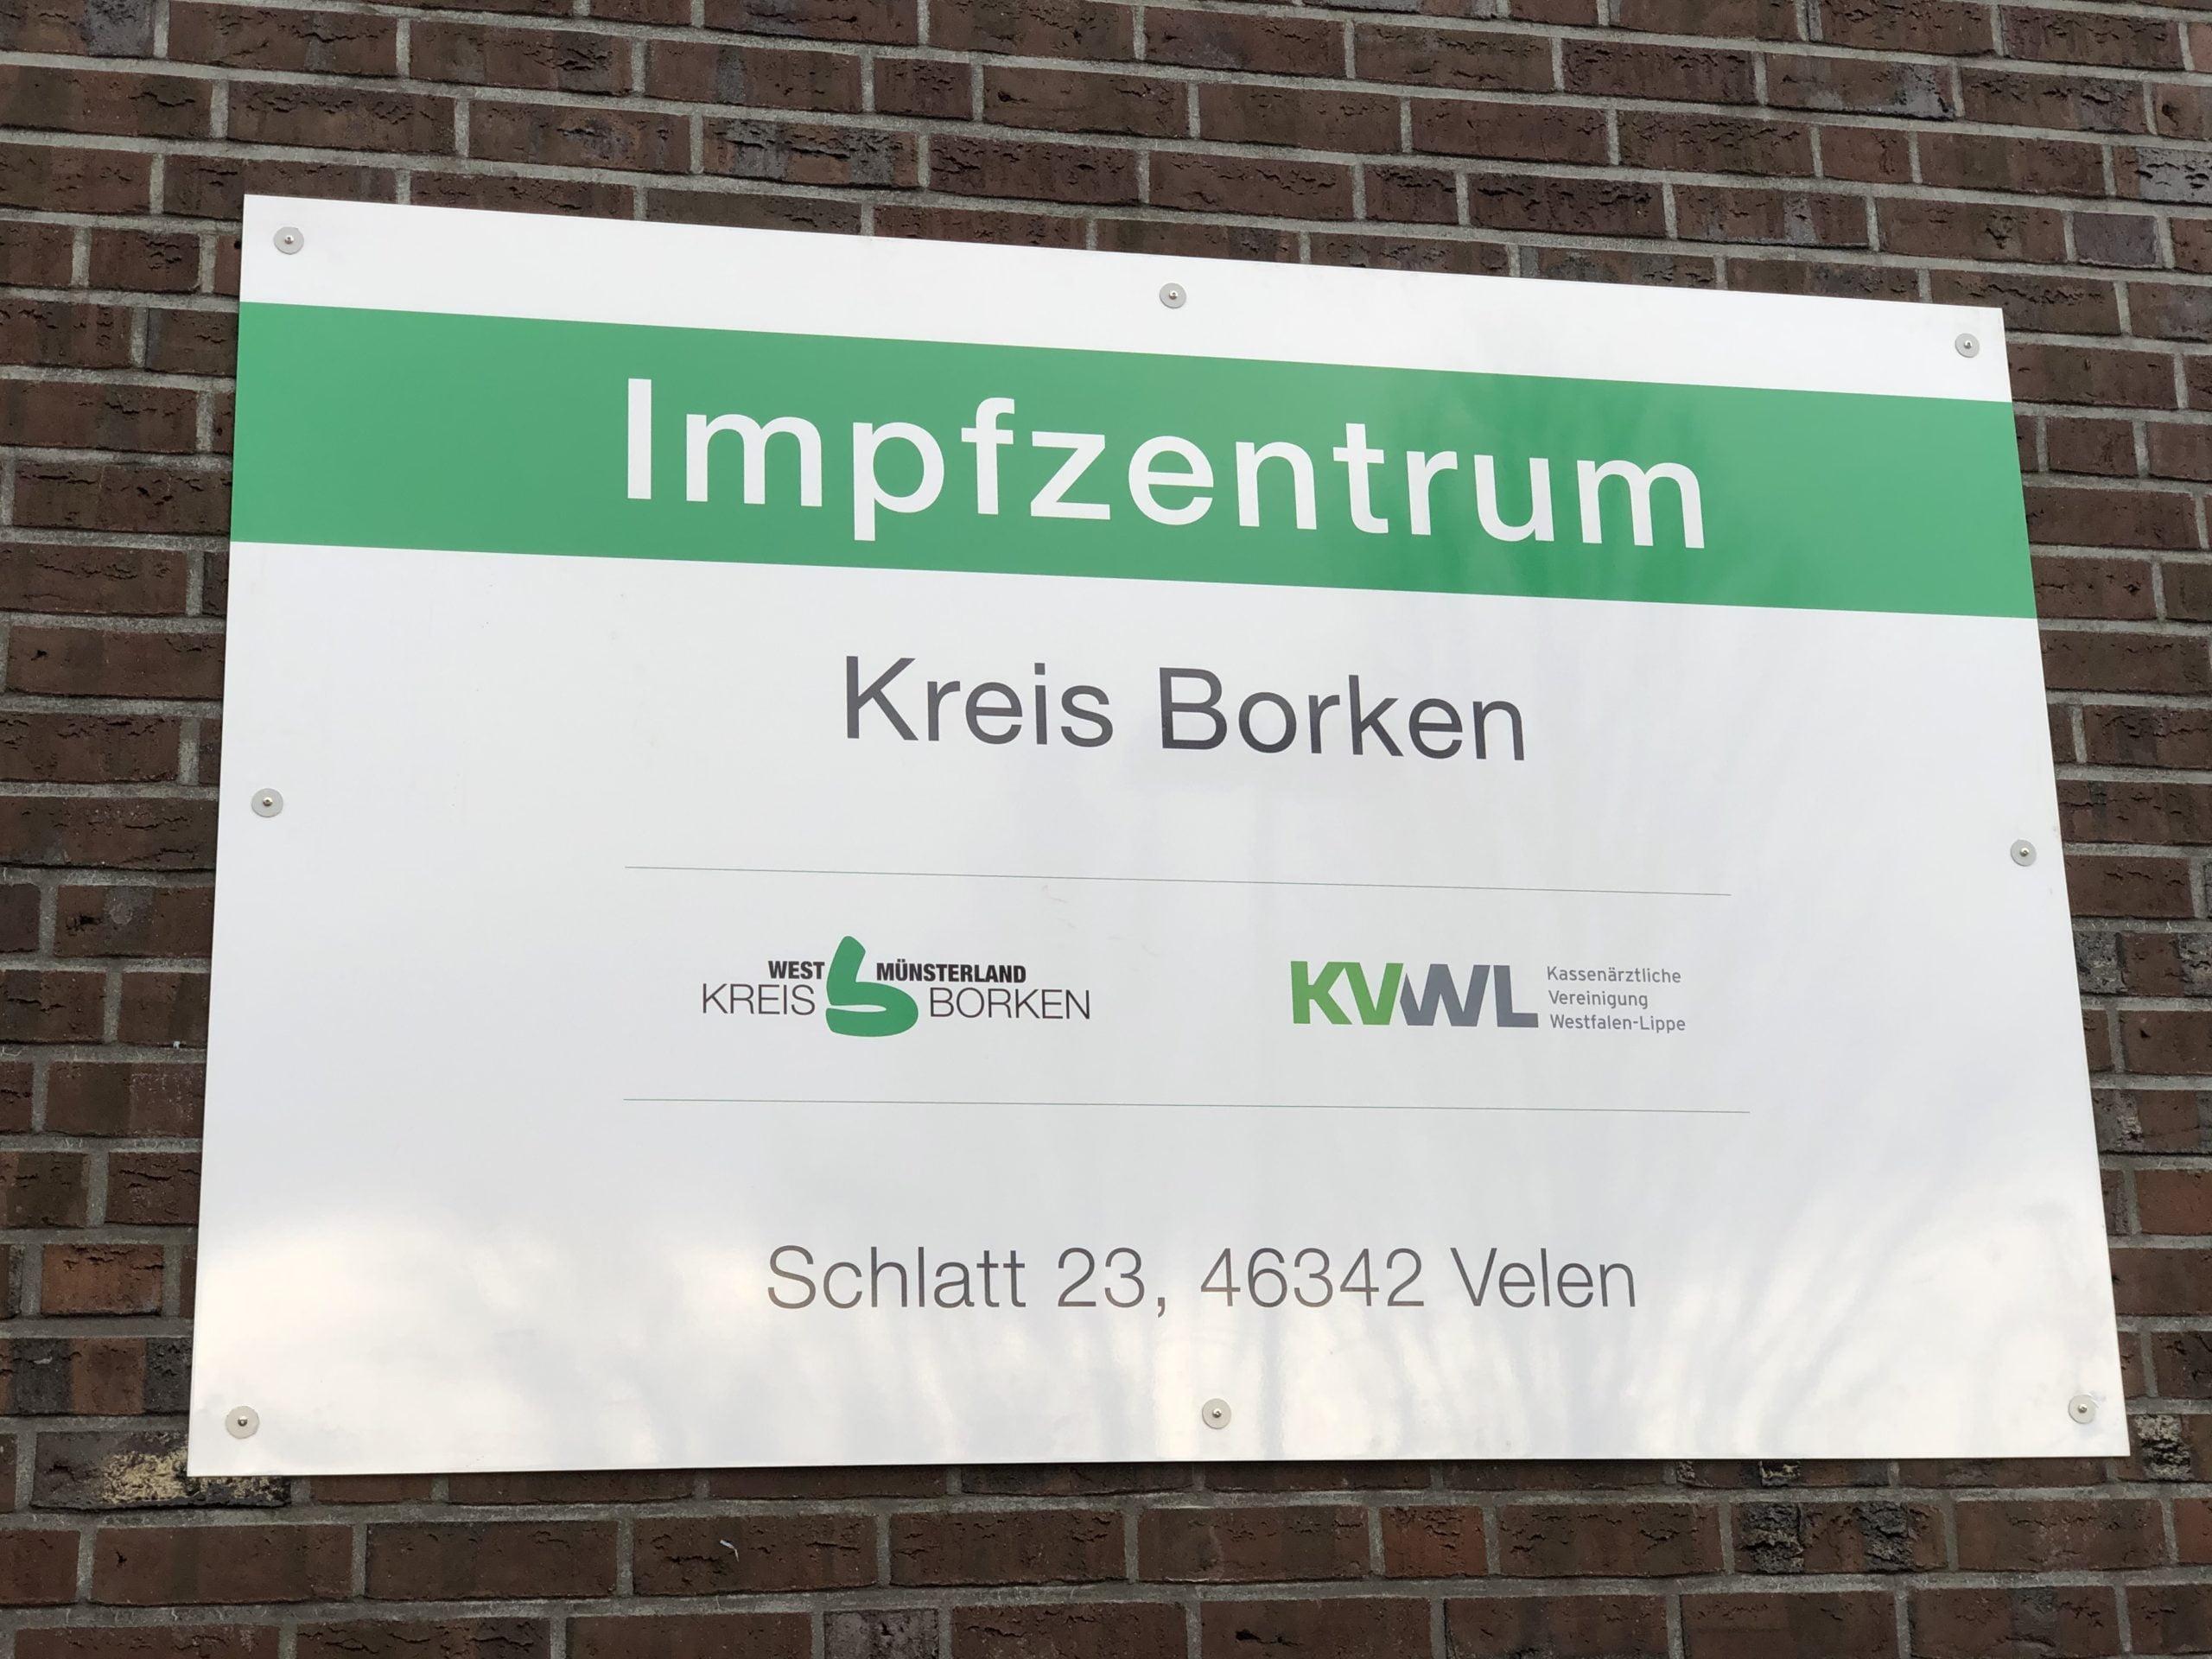 Grüne fordern kostenloses ÖPNV-Ticket zum Impfzentrum in Velen